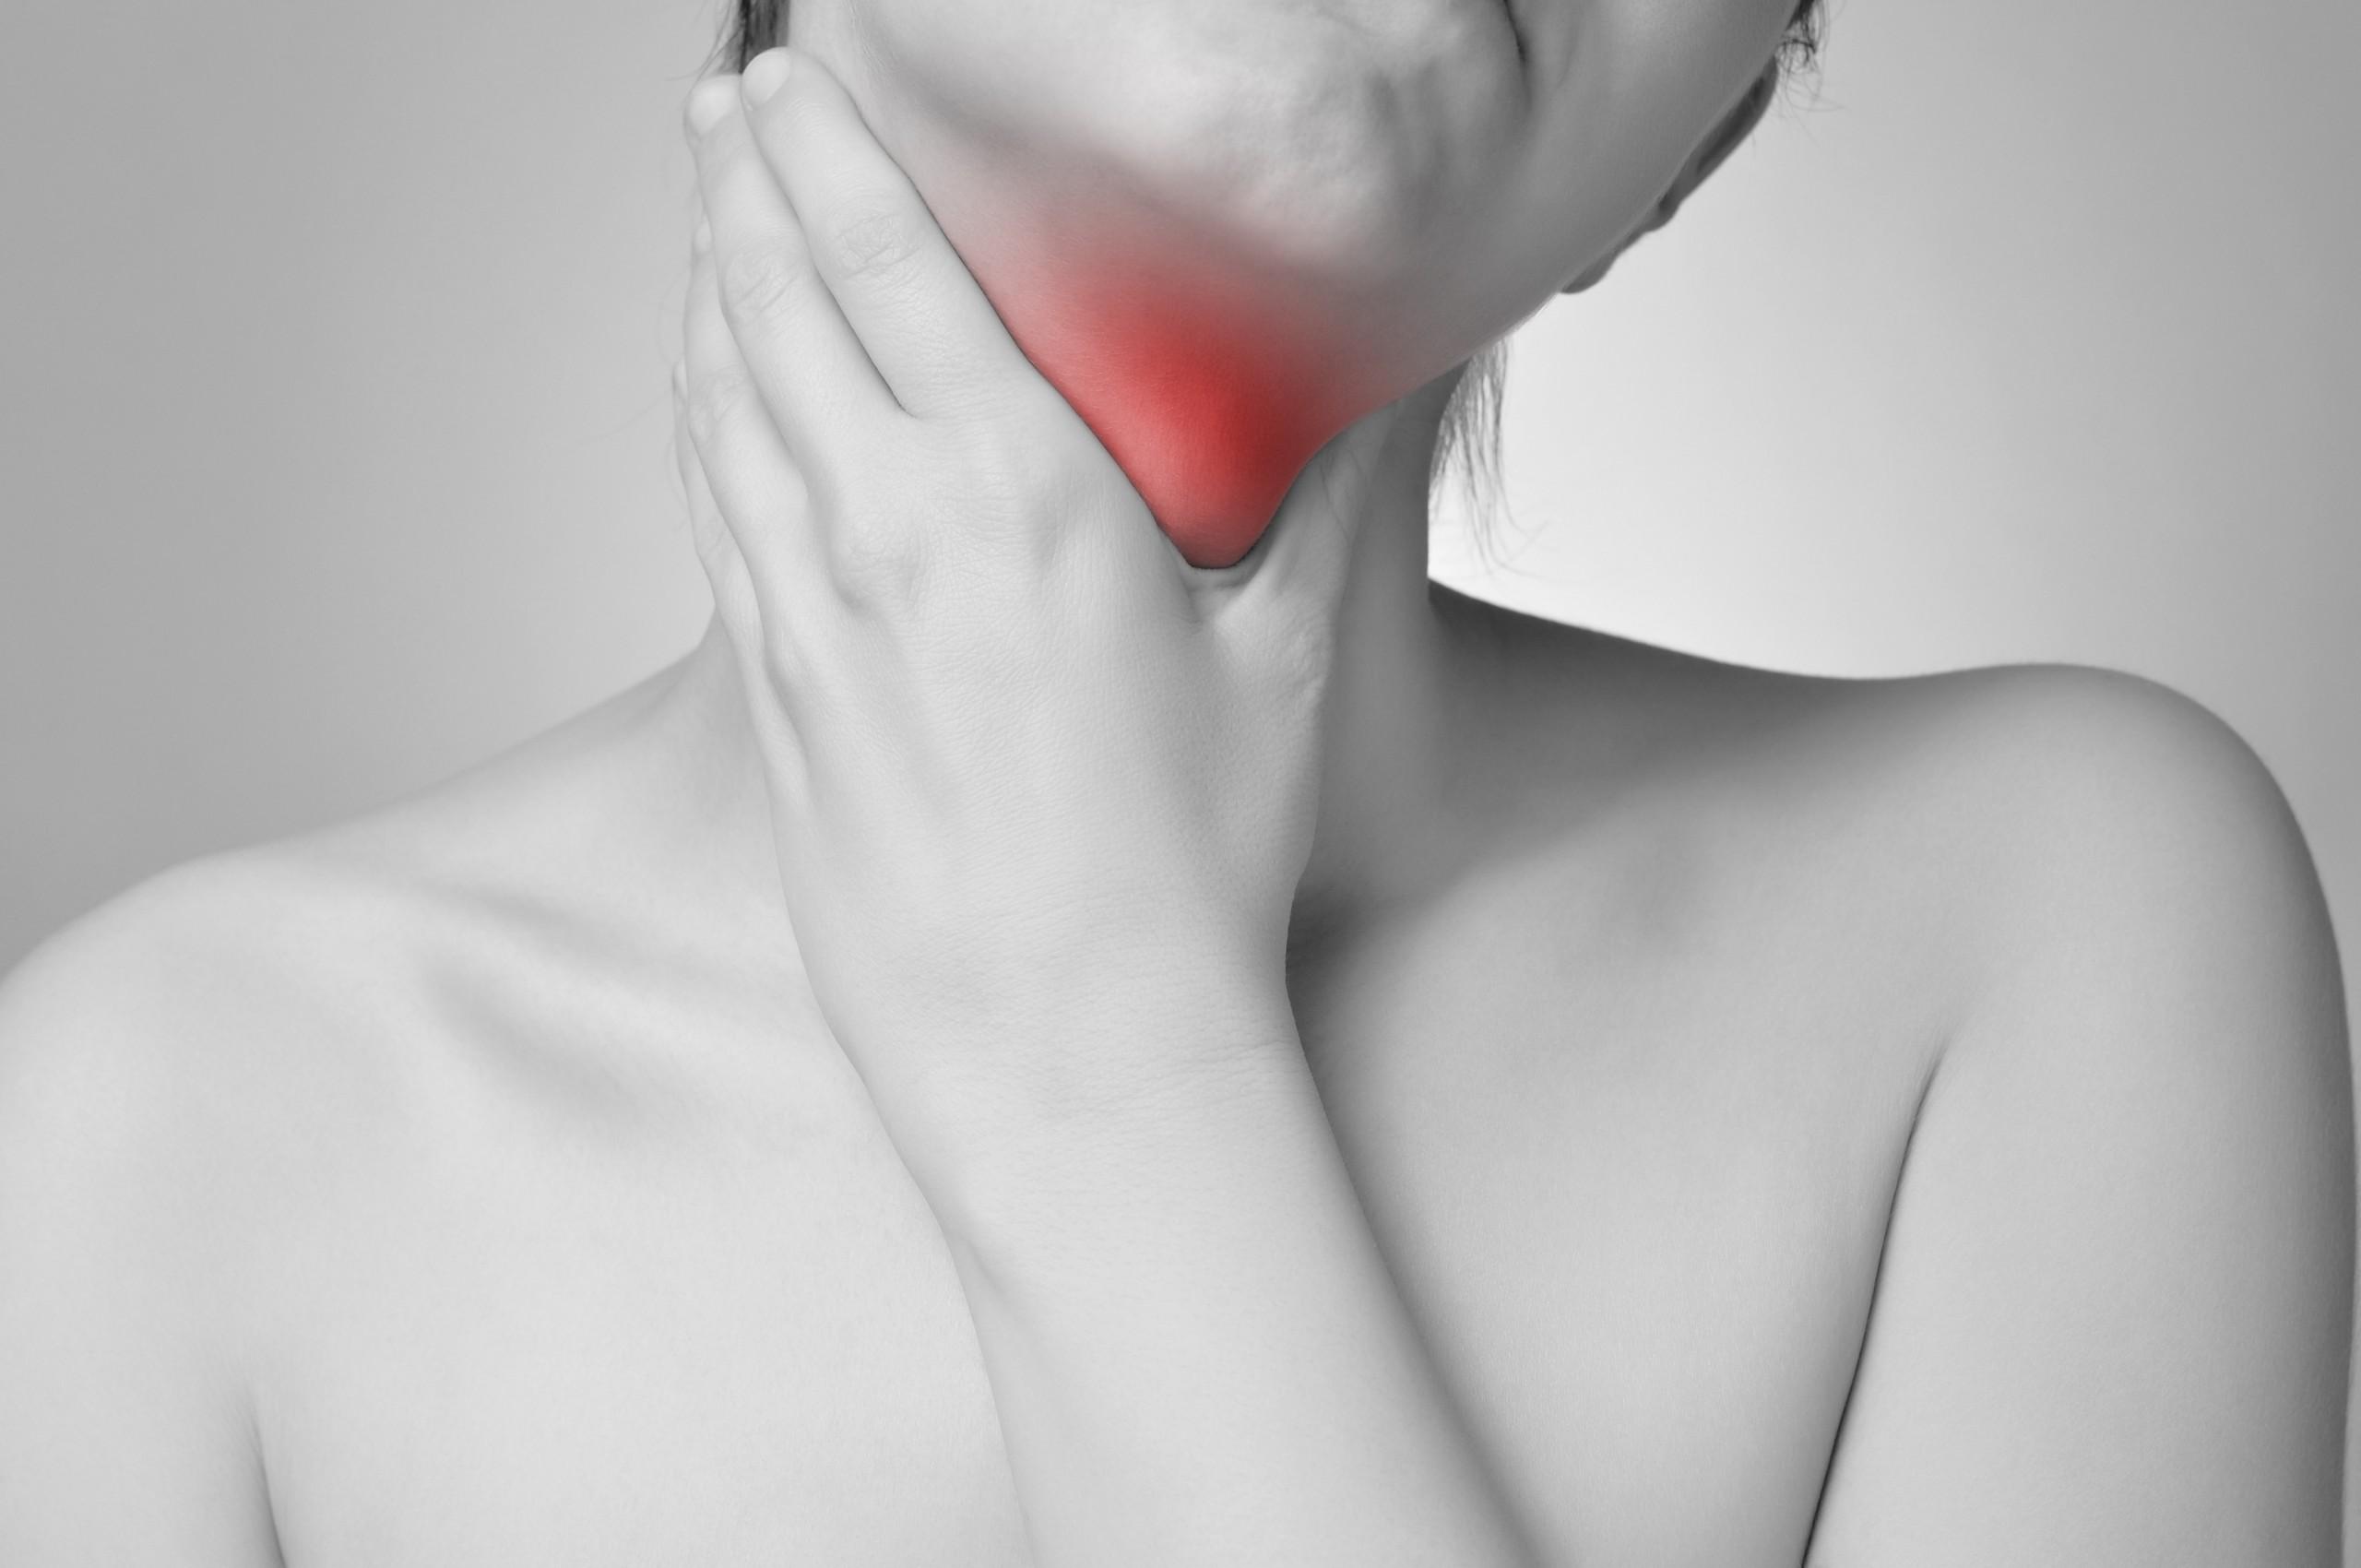 В большинстве случаев причина боли в горле - это острое респираторное заболевание, спровоцированное вирусами